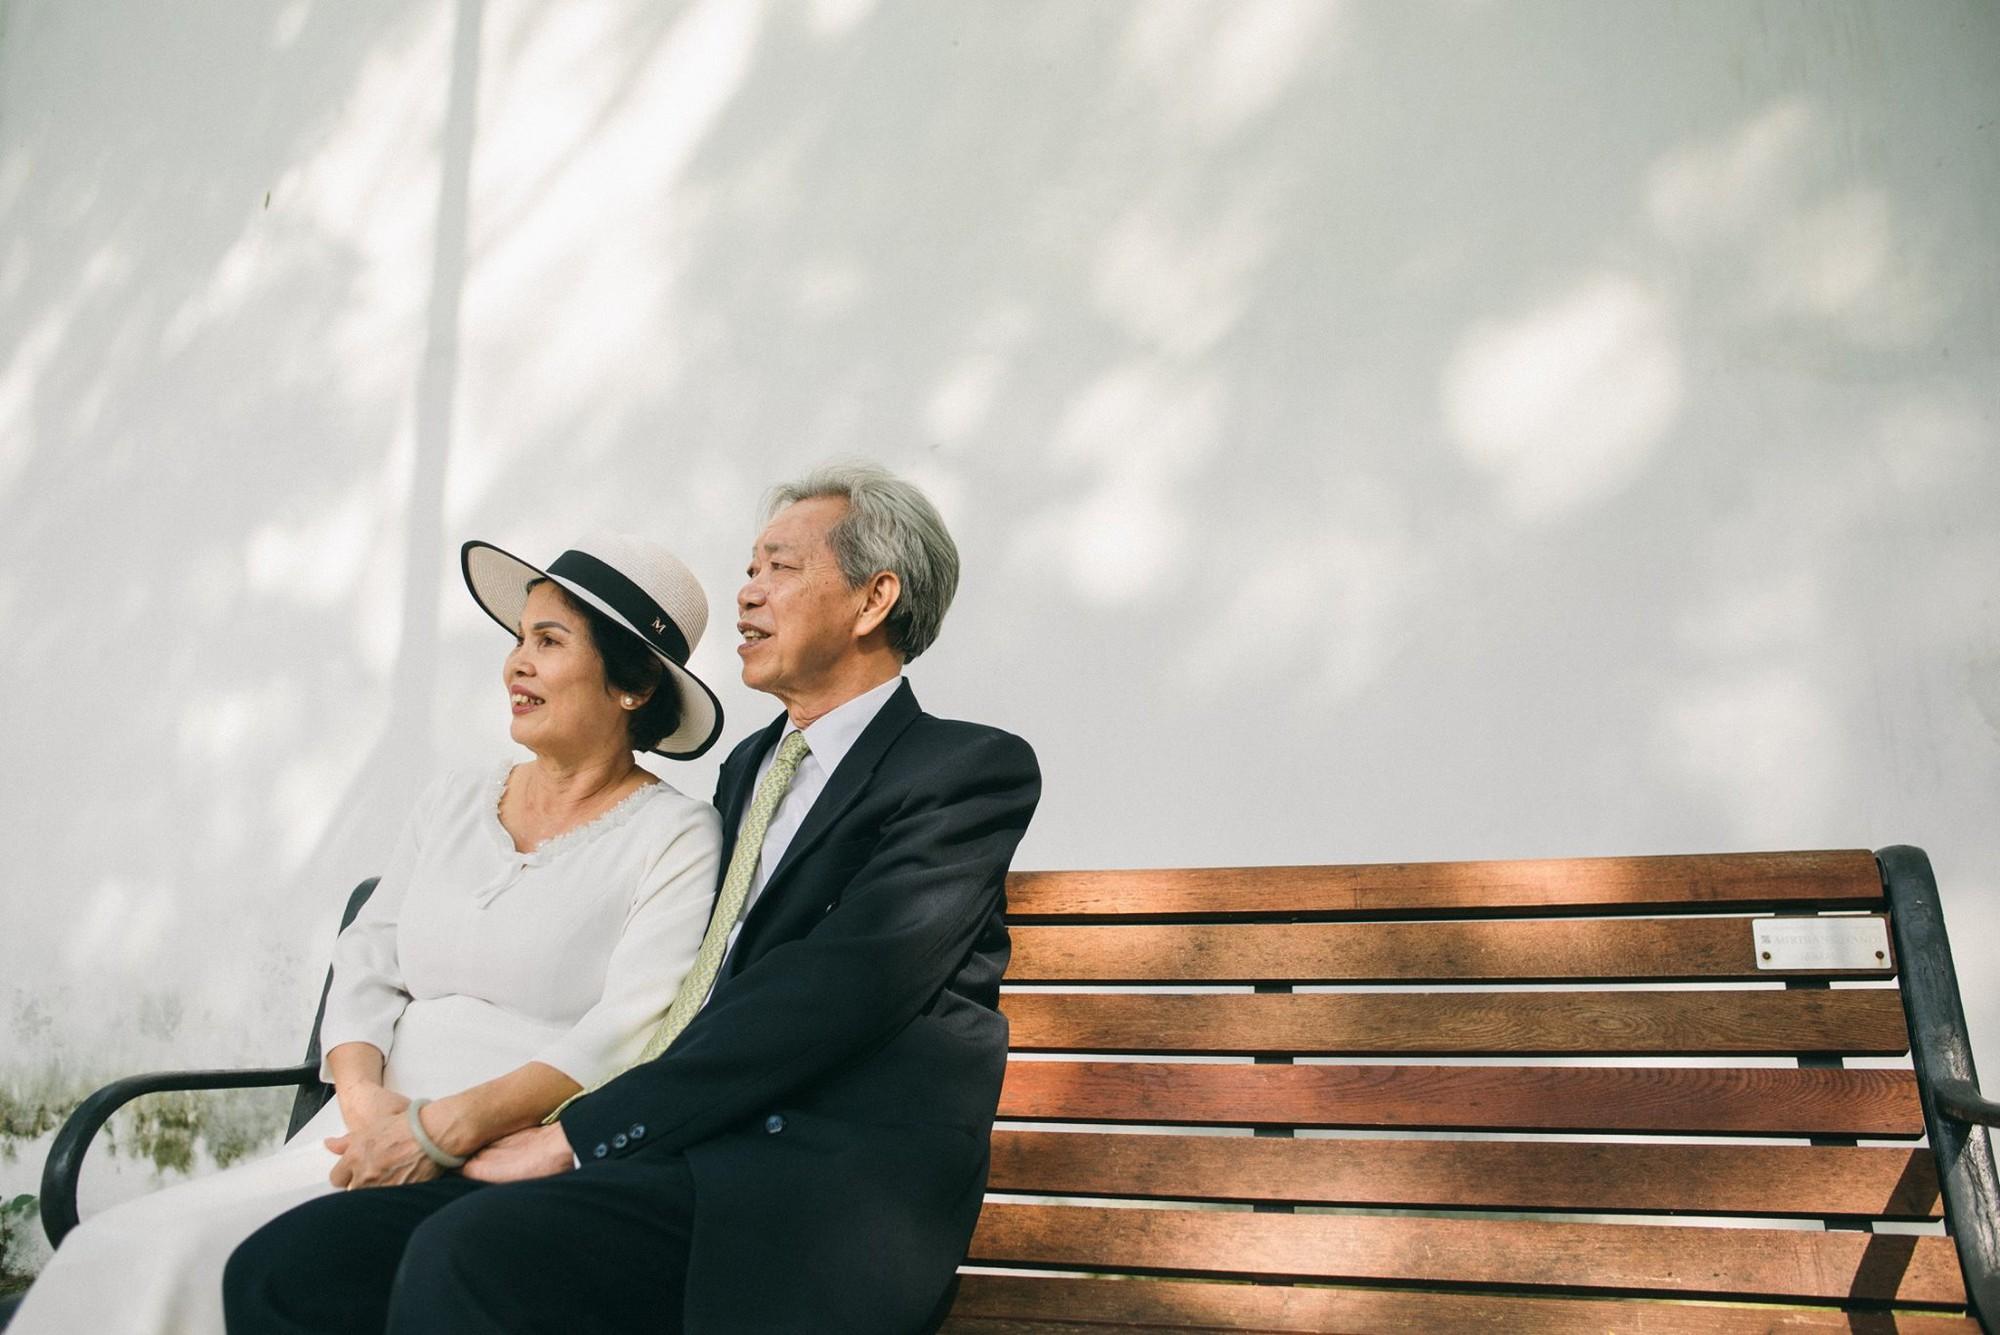 Bộ ảnh cưới đầu tiên sau 45 năm kết hôn và chia sẻ xúc động của cựu CEO Uber Việt Nam cho bố mẹ - Ảnh 5.